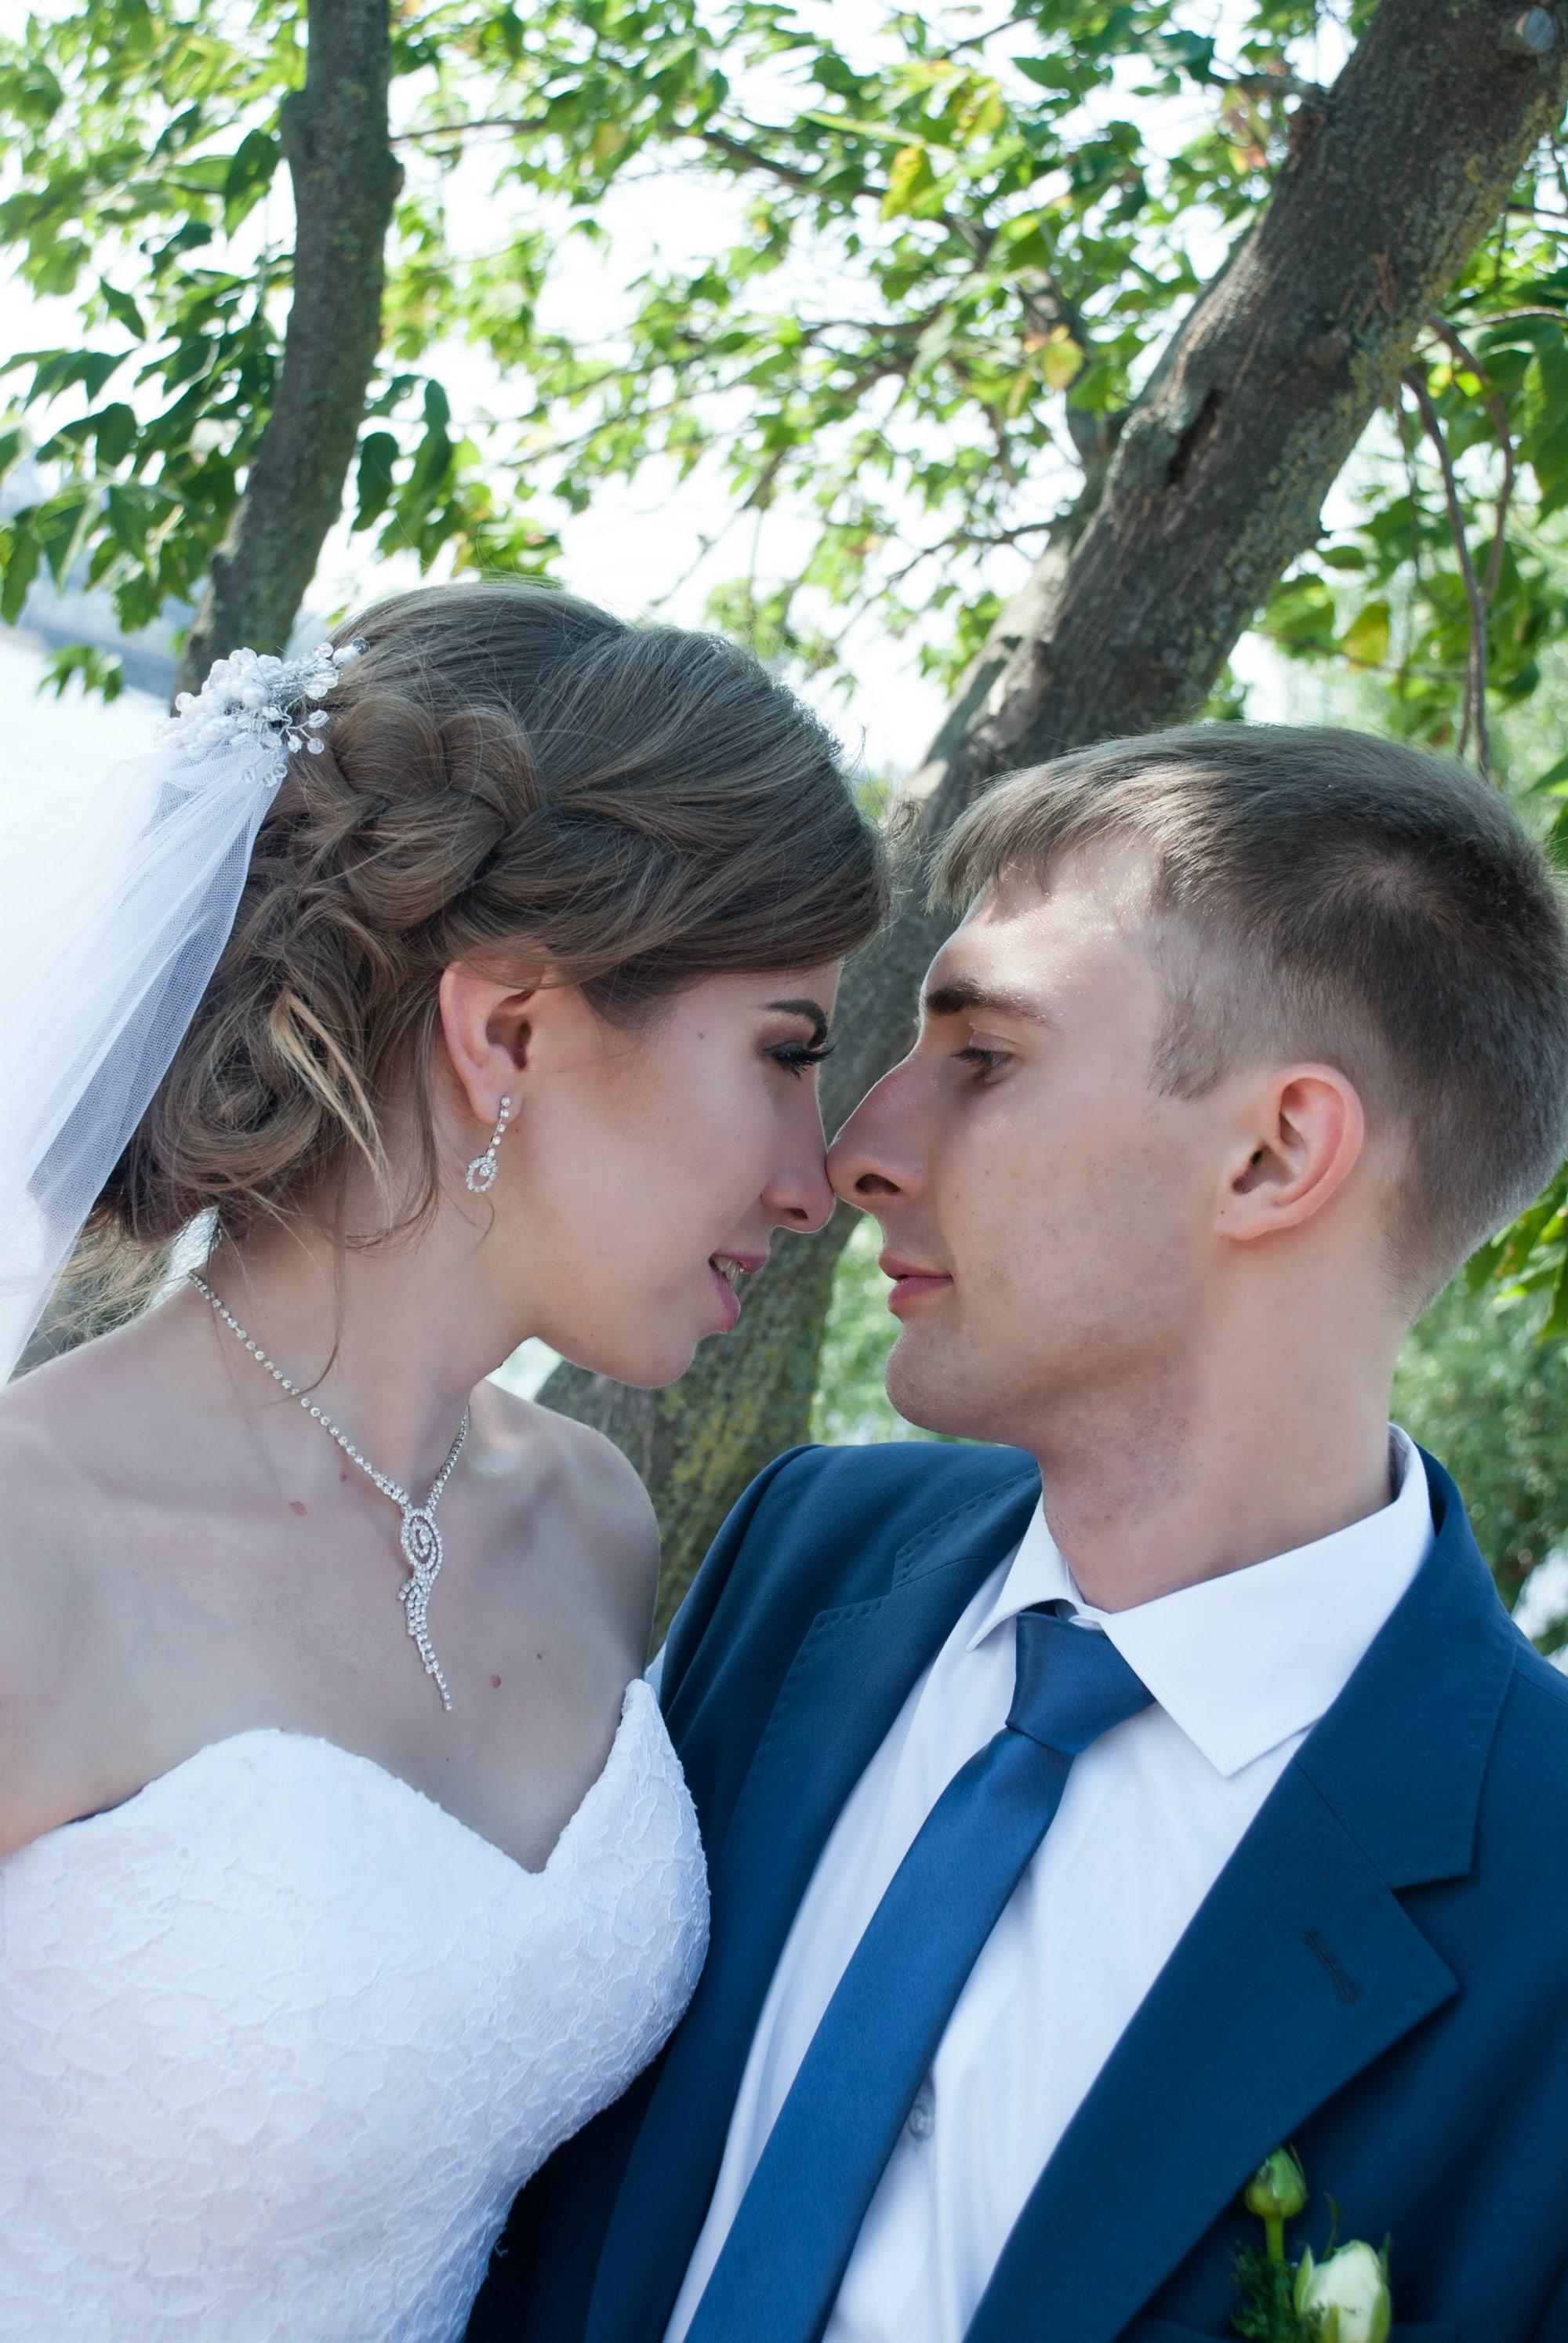 Фотография жениха и невесты - Фотограф Киев - Женя Лайт